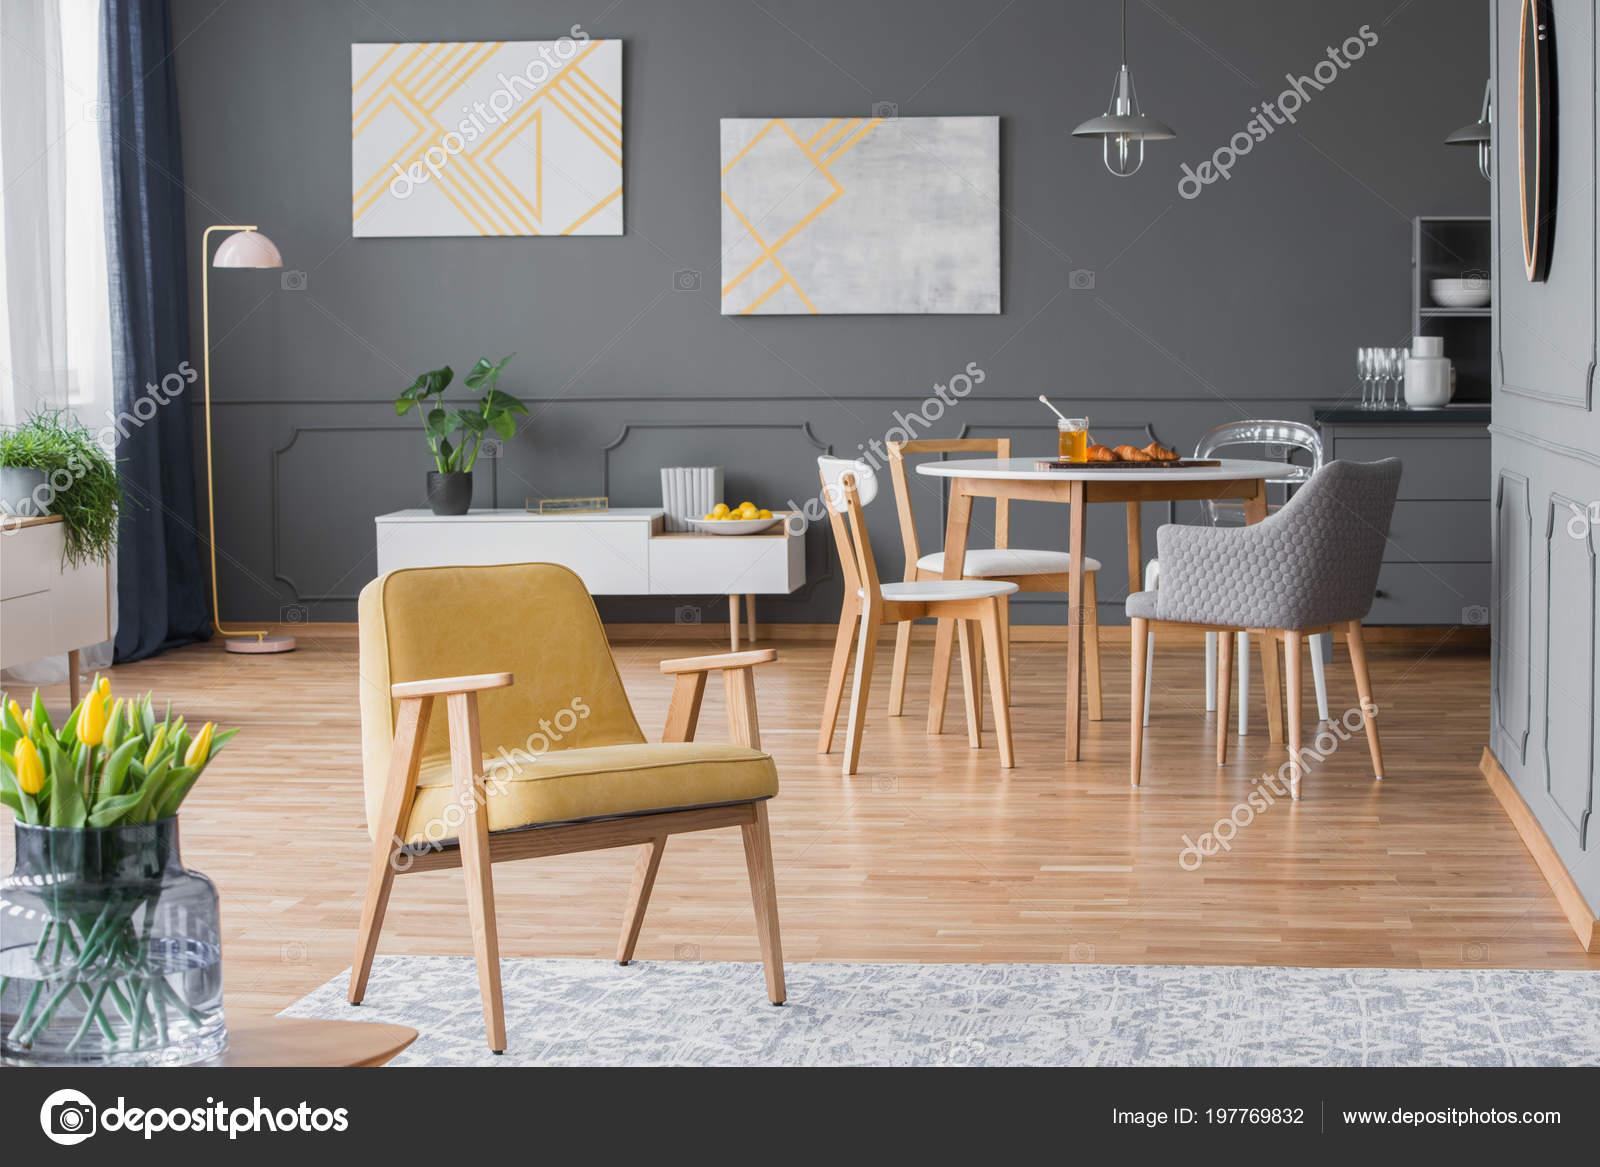 Vintage gele fauteuil een interieur van eetkamer met een ronde